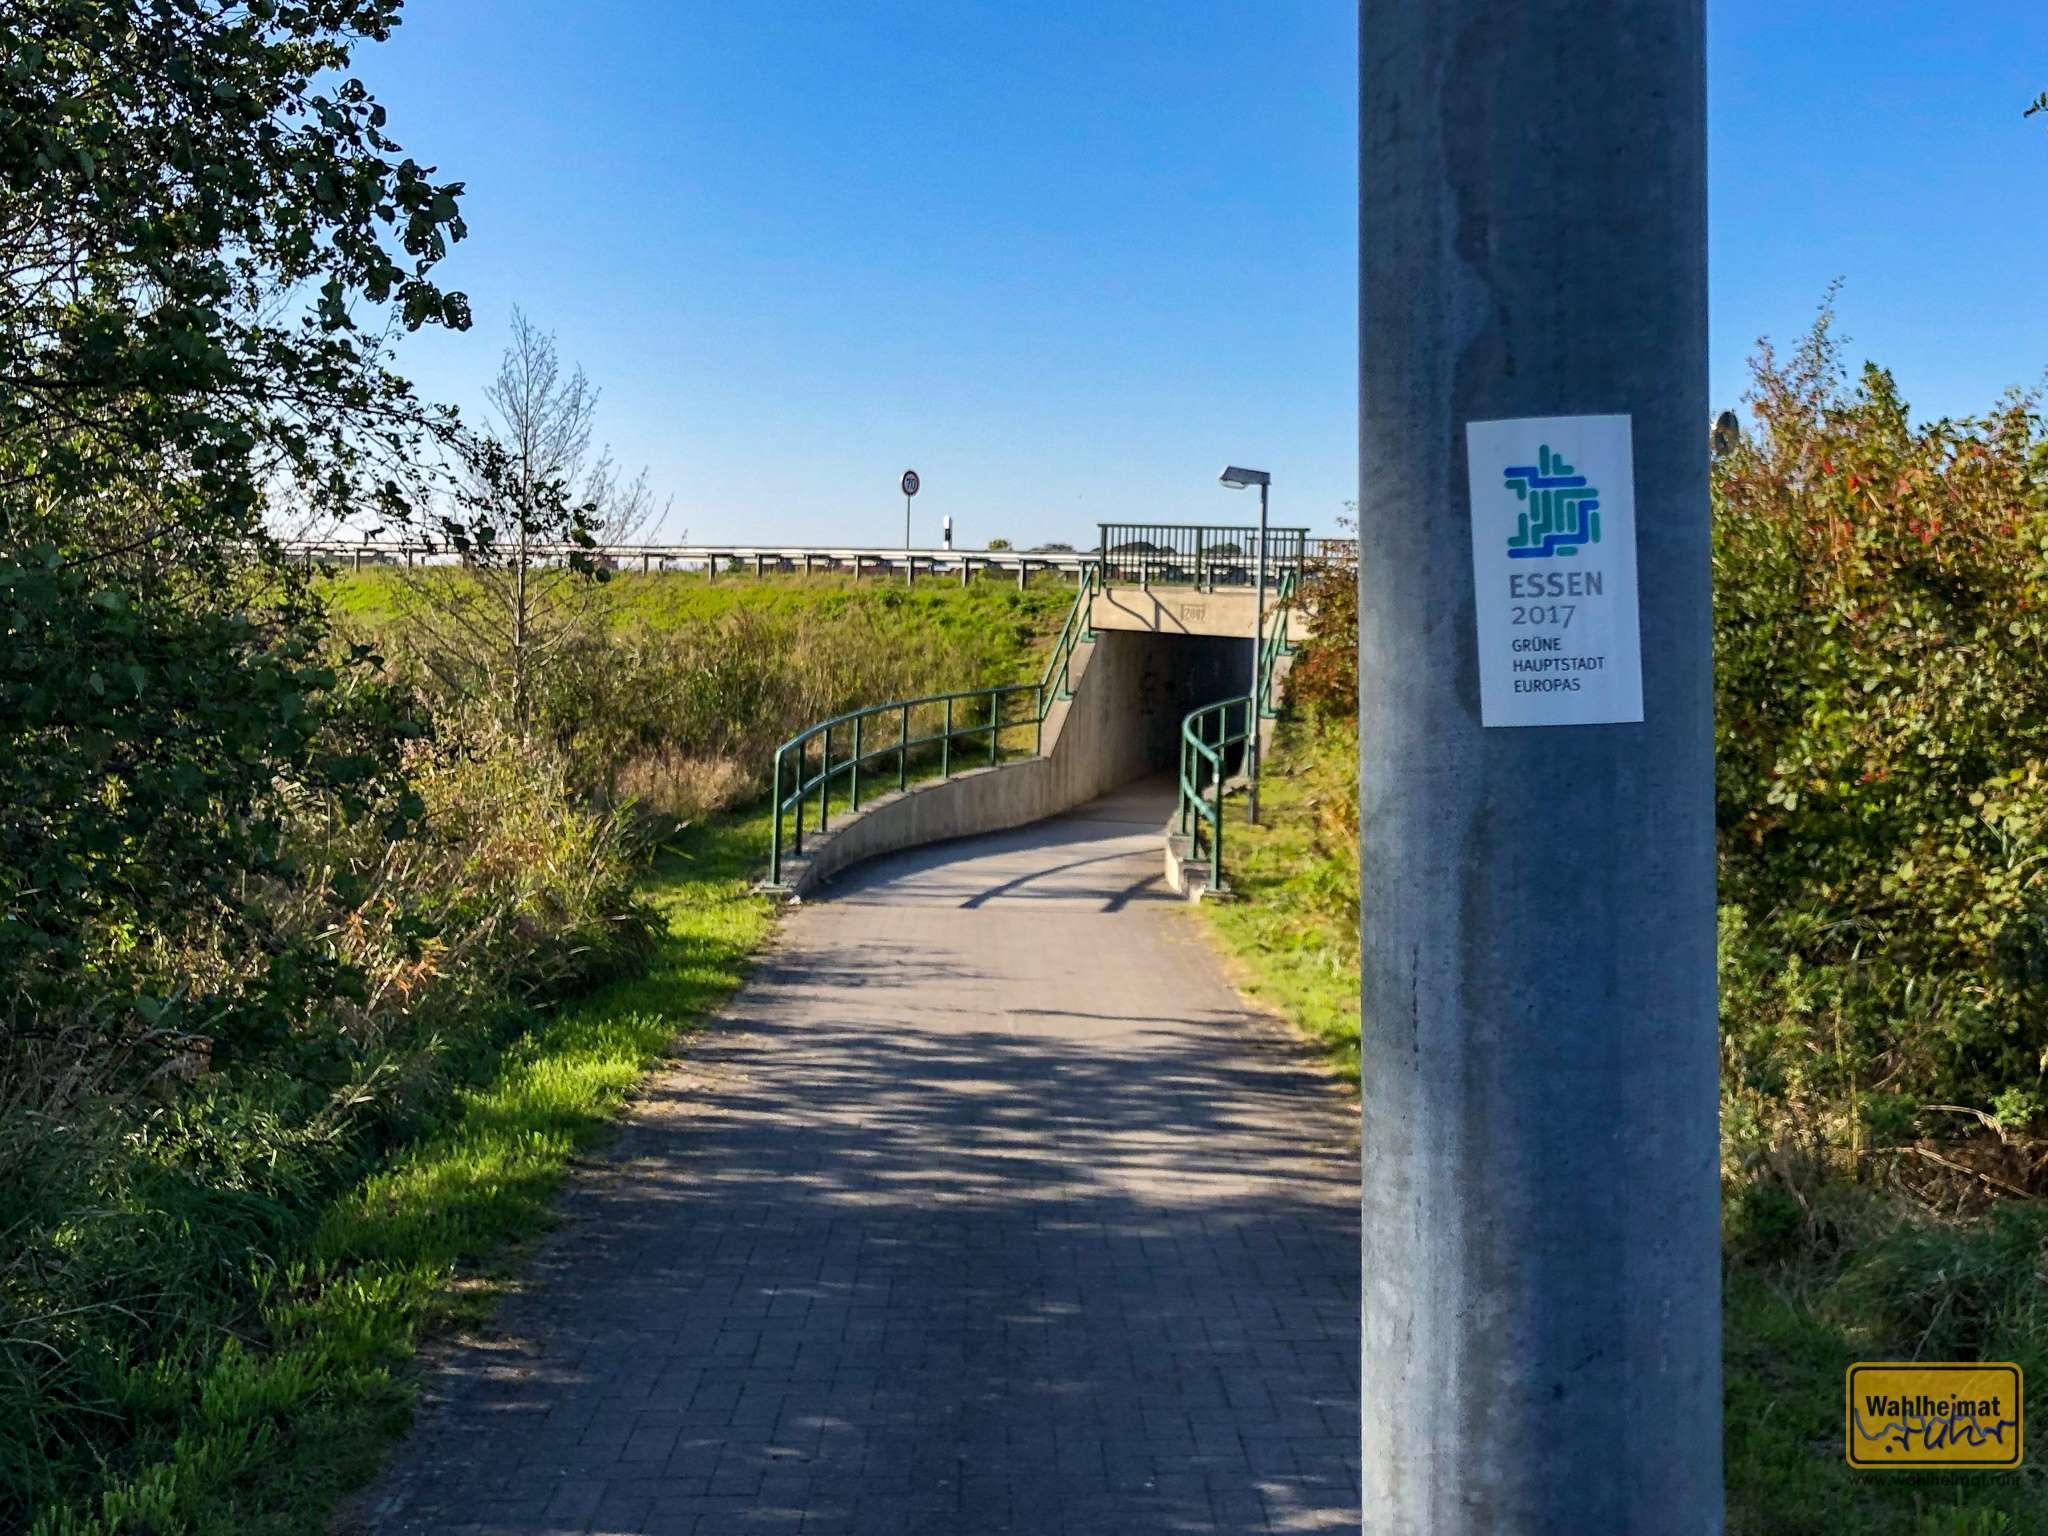 Huch: das Ruhrgebiet lässt grüssen. (Ich war das übrigens nicht!)